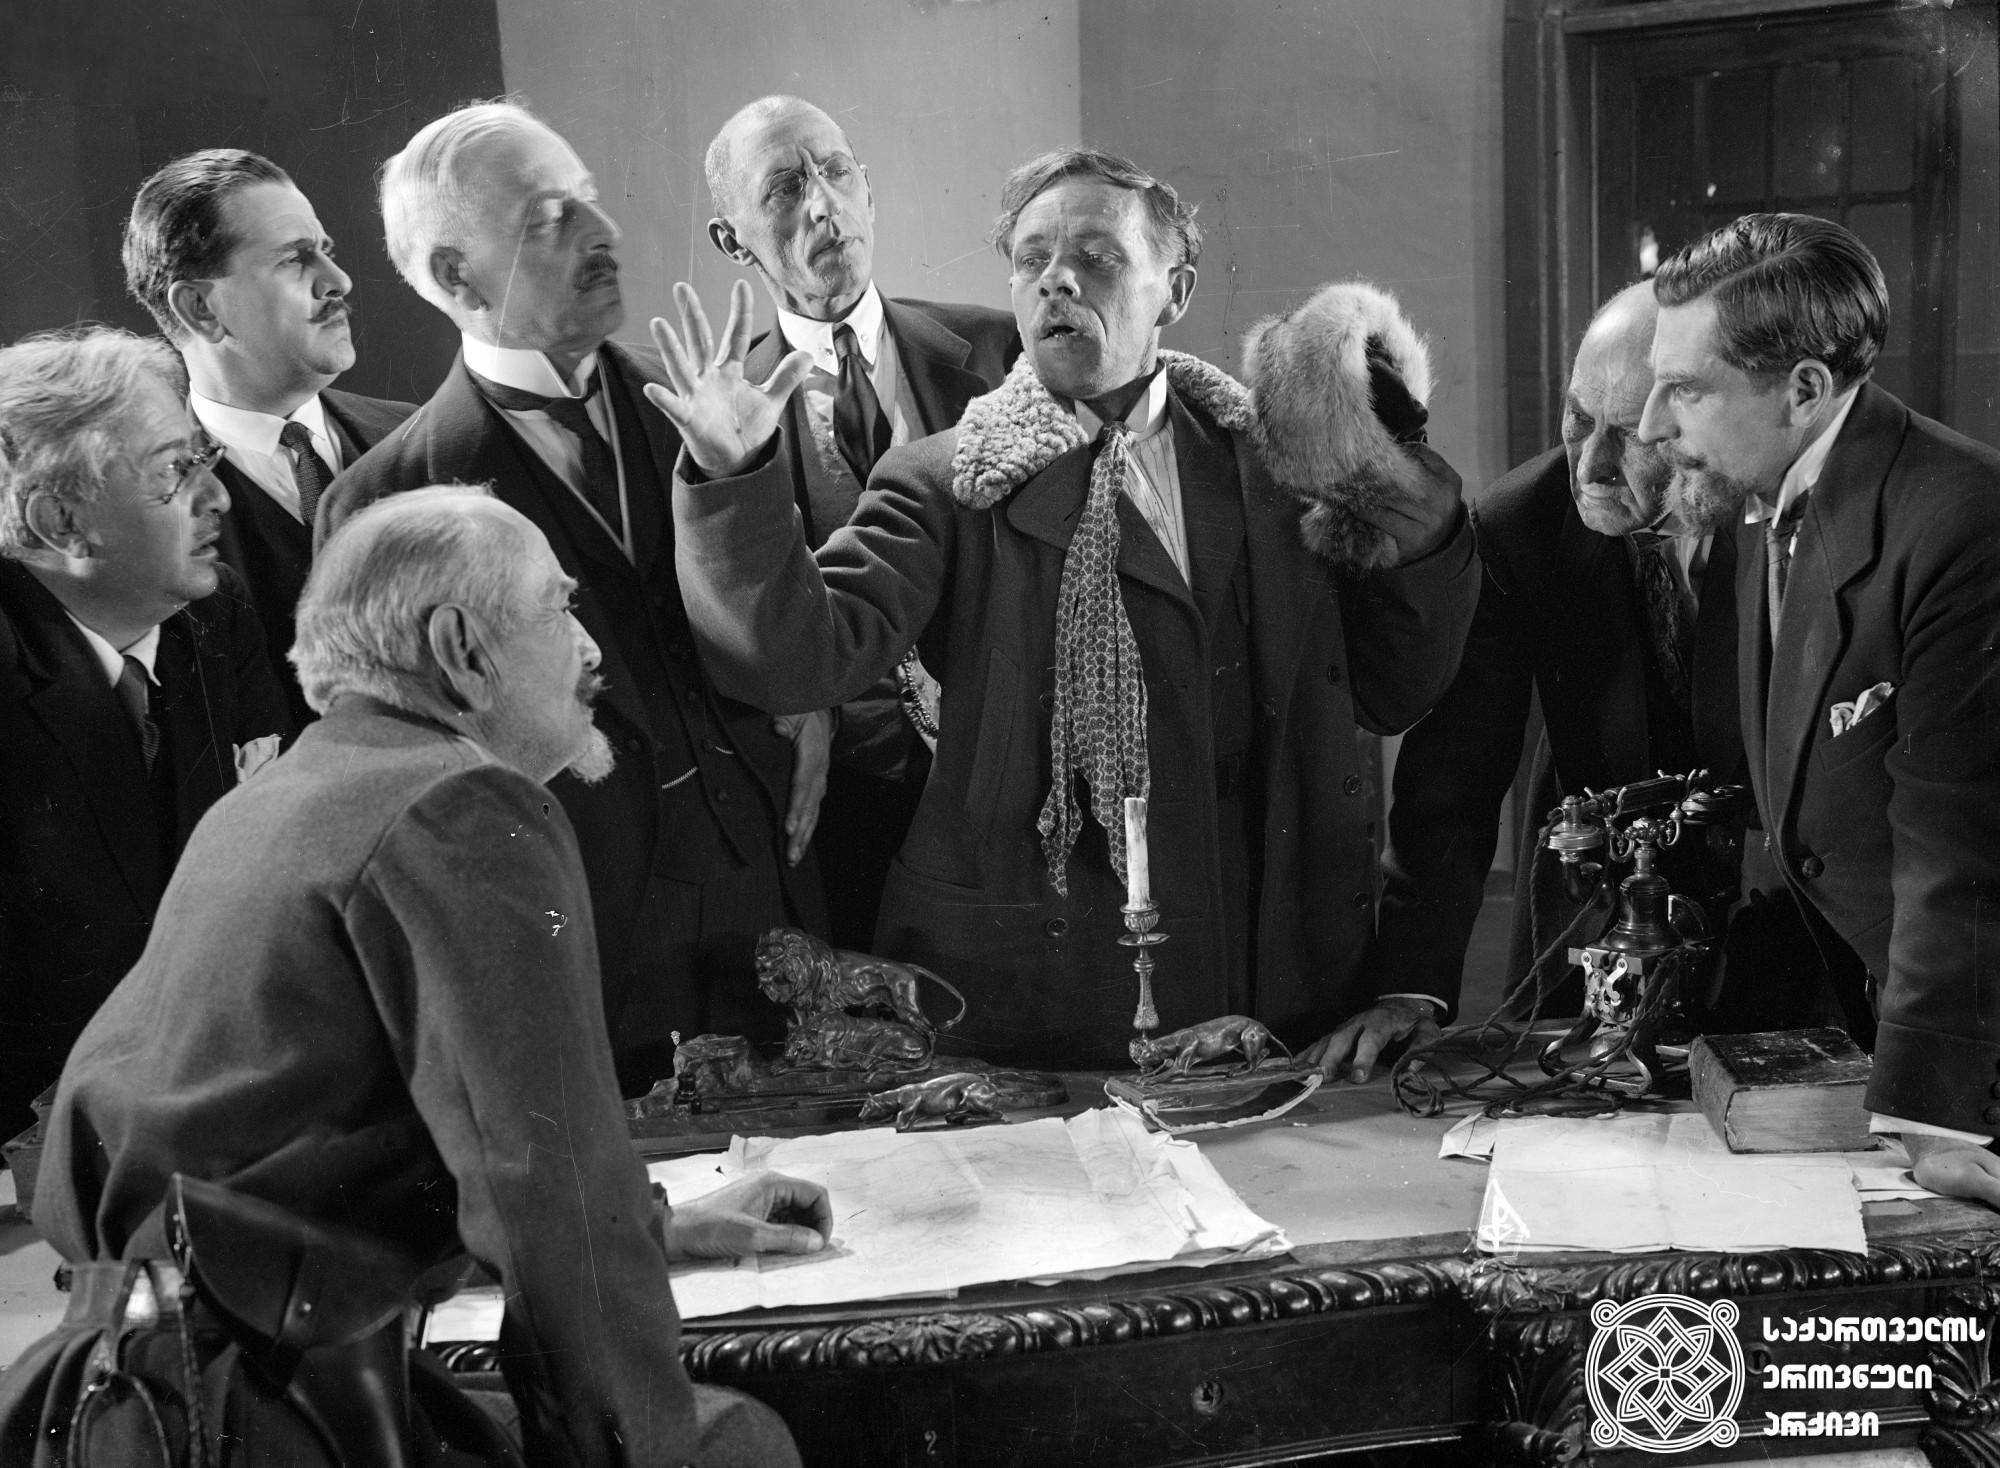 """""""პირველი კორნეტი სტრეშნიოვი"""". 1928. <br>  რეჟისორები: ეფიმ ძიგანი, მიხეილ ჭიაურელი. <br> სცენარის ავტორი: არსენ არავსკი. ოპერატორი: ვიქტორ ენგელსი. მხატვარი: რობერტ ფედორი. <br>  Pirveli Korneti Streshniovi (The First Cornet Streshnev). 1928. <br>  Directors: Efim Dzigan, Mikheil Chiaureli. <br> Screenwriter: Arsen Aravsky. Camera operator: Victor Engels. Production designer: Robert Fedor."""